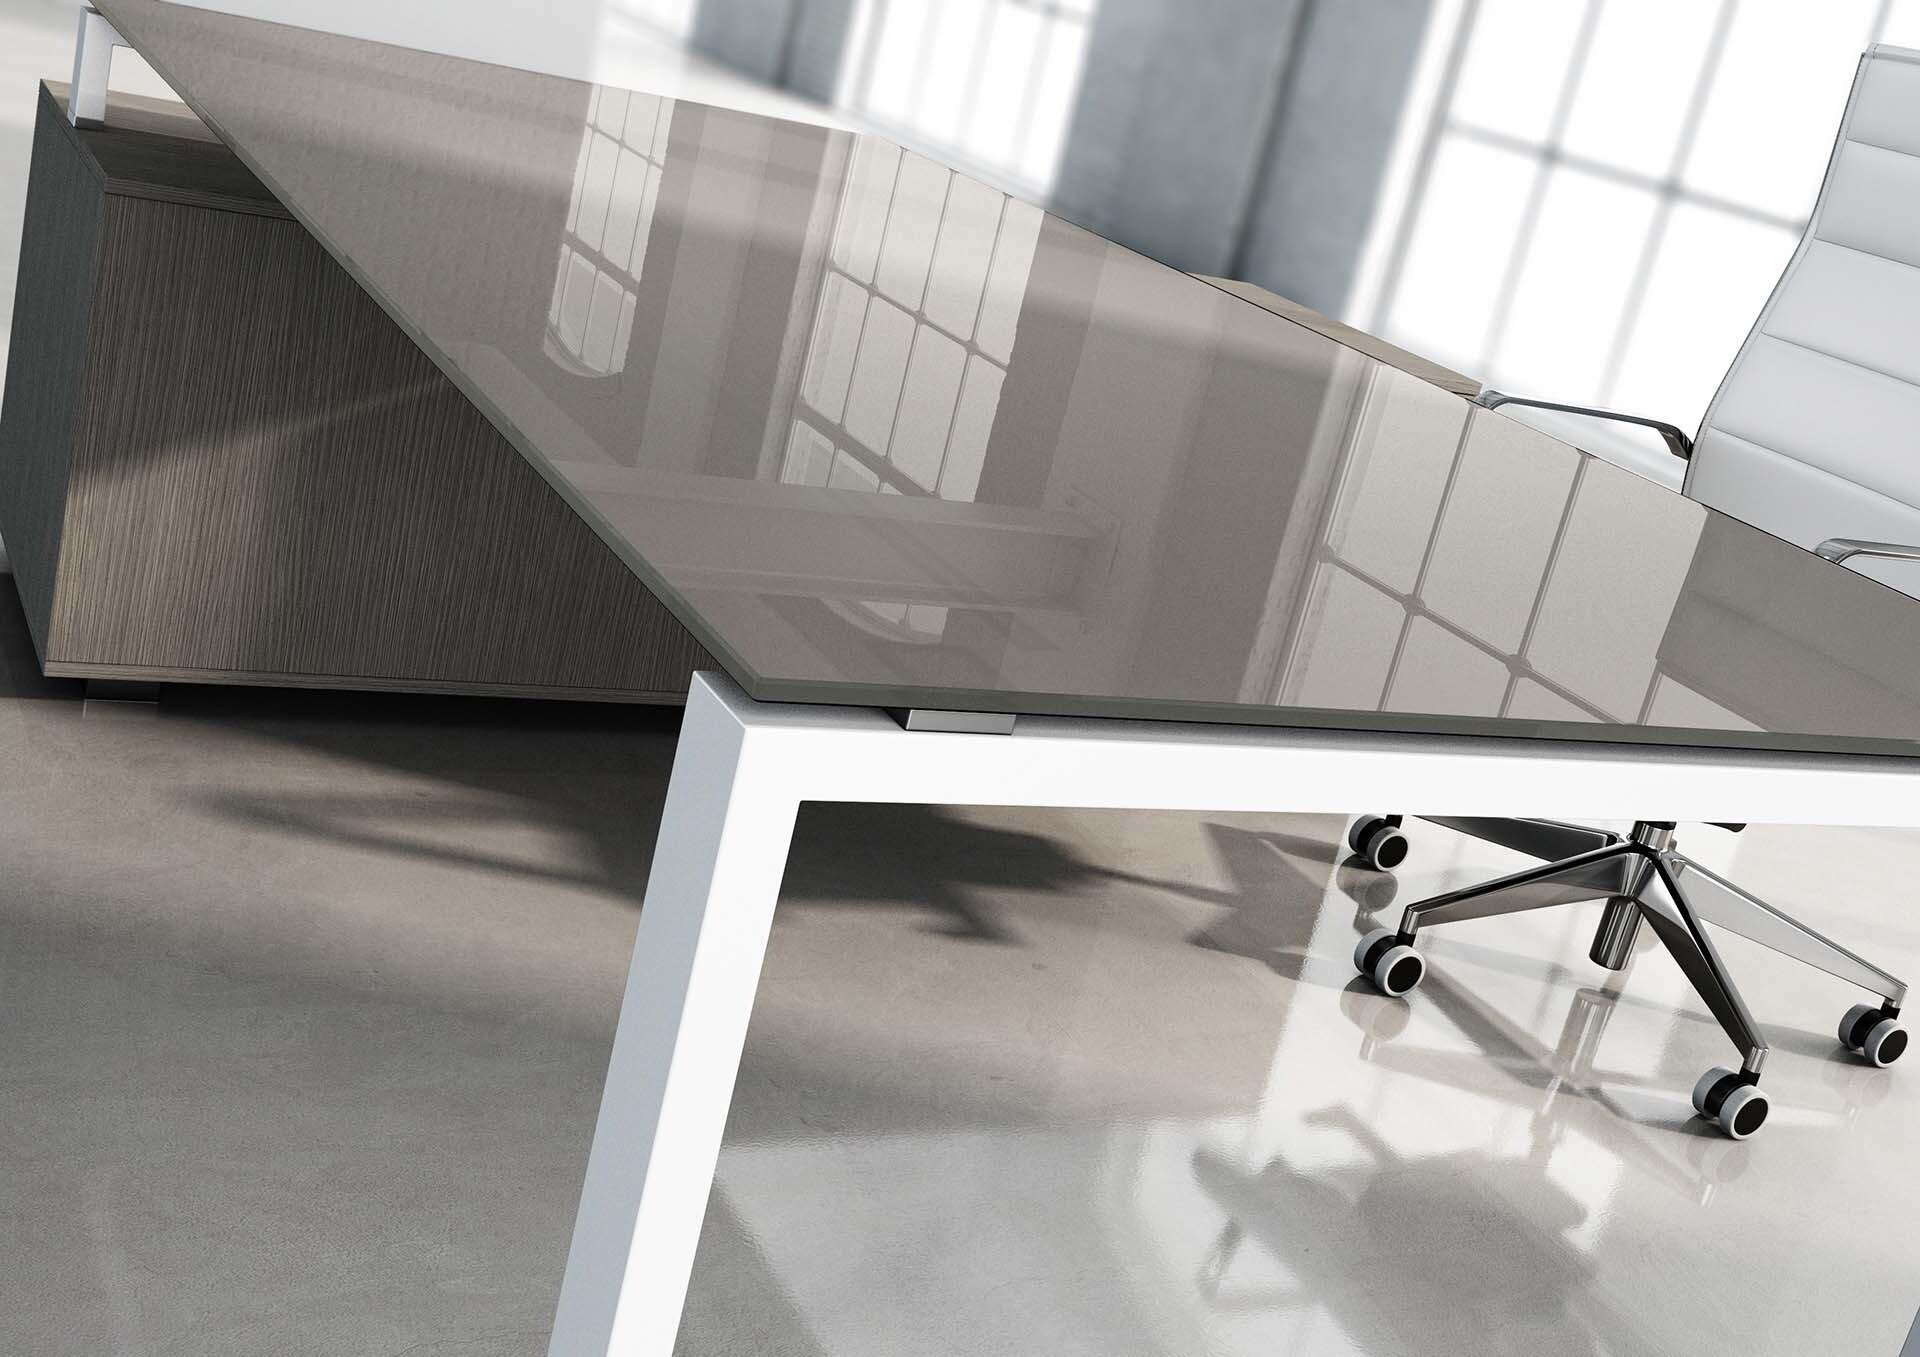 tavolo-design-sedicinoni.jpg